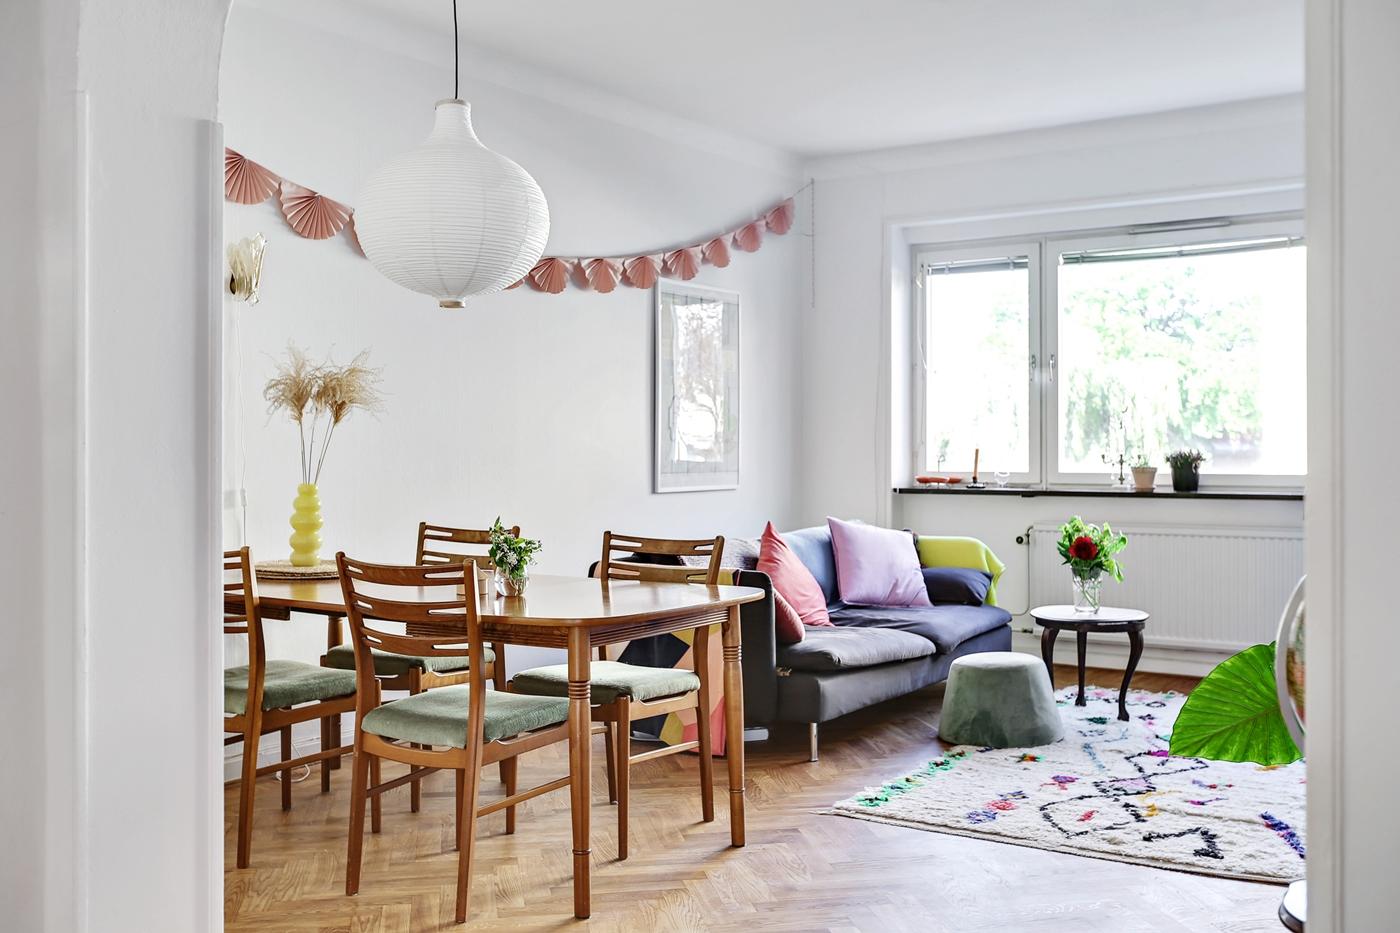 Inbjudande vardagsrum med plats för matbord och soffa.